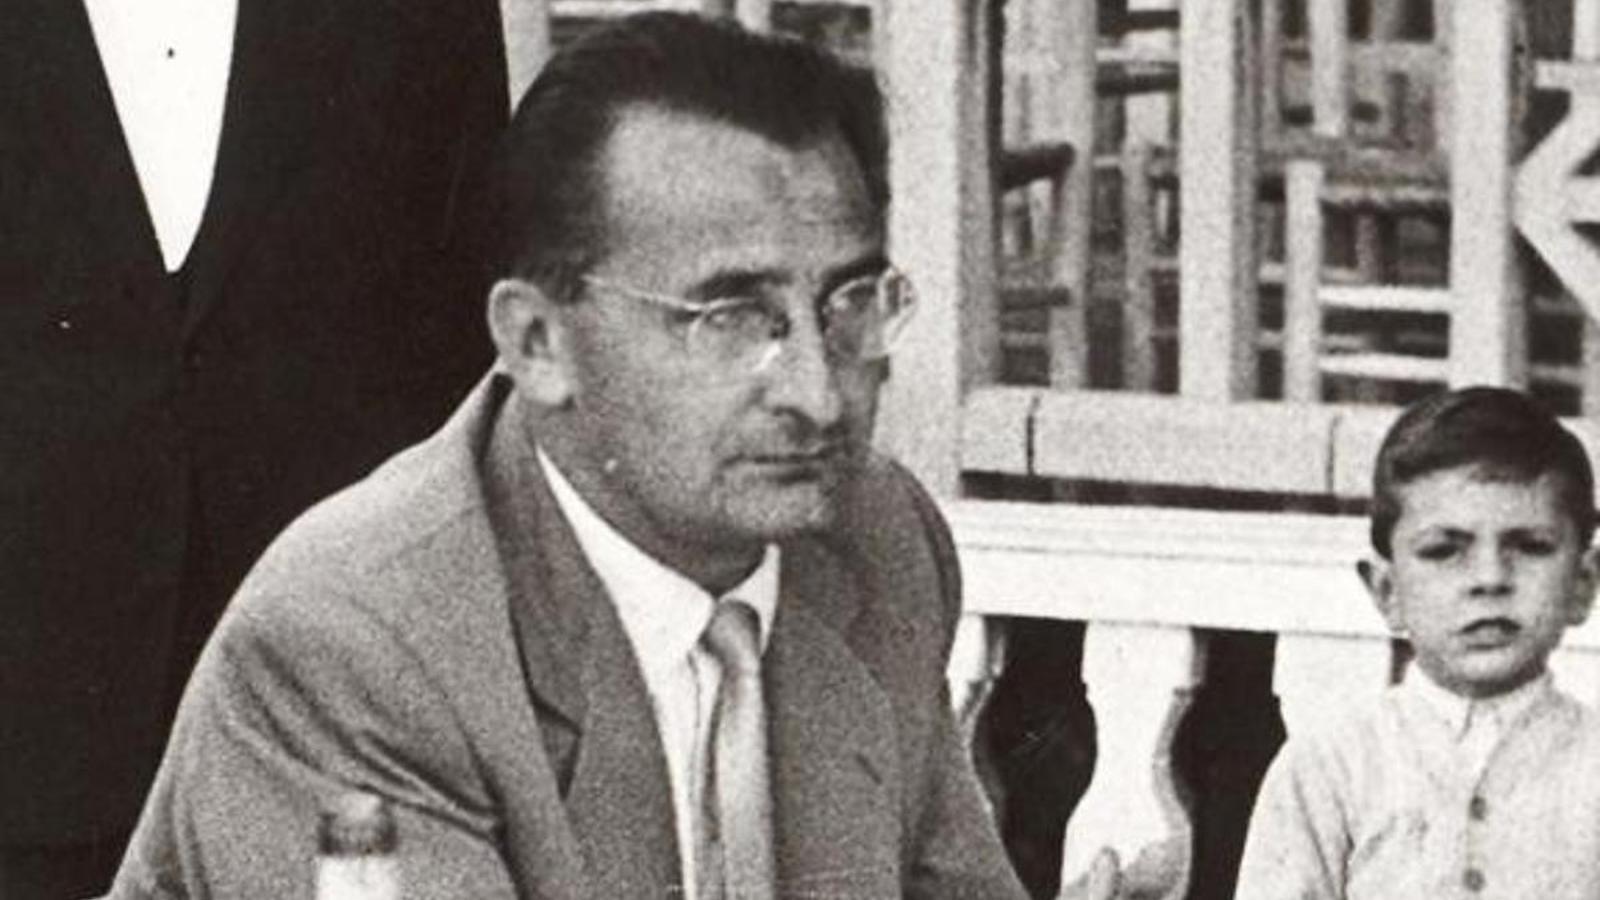 Sandro Puppo, entrenador del Barça els anys 50